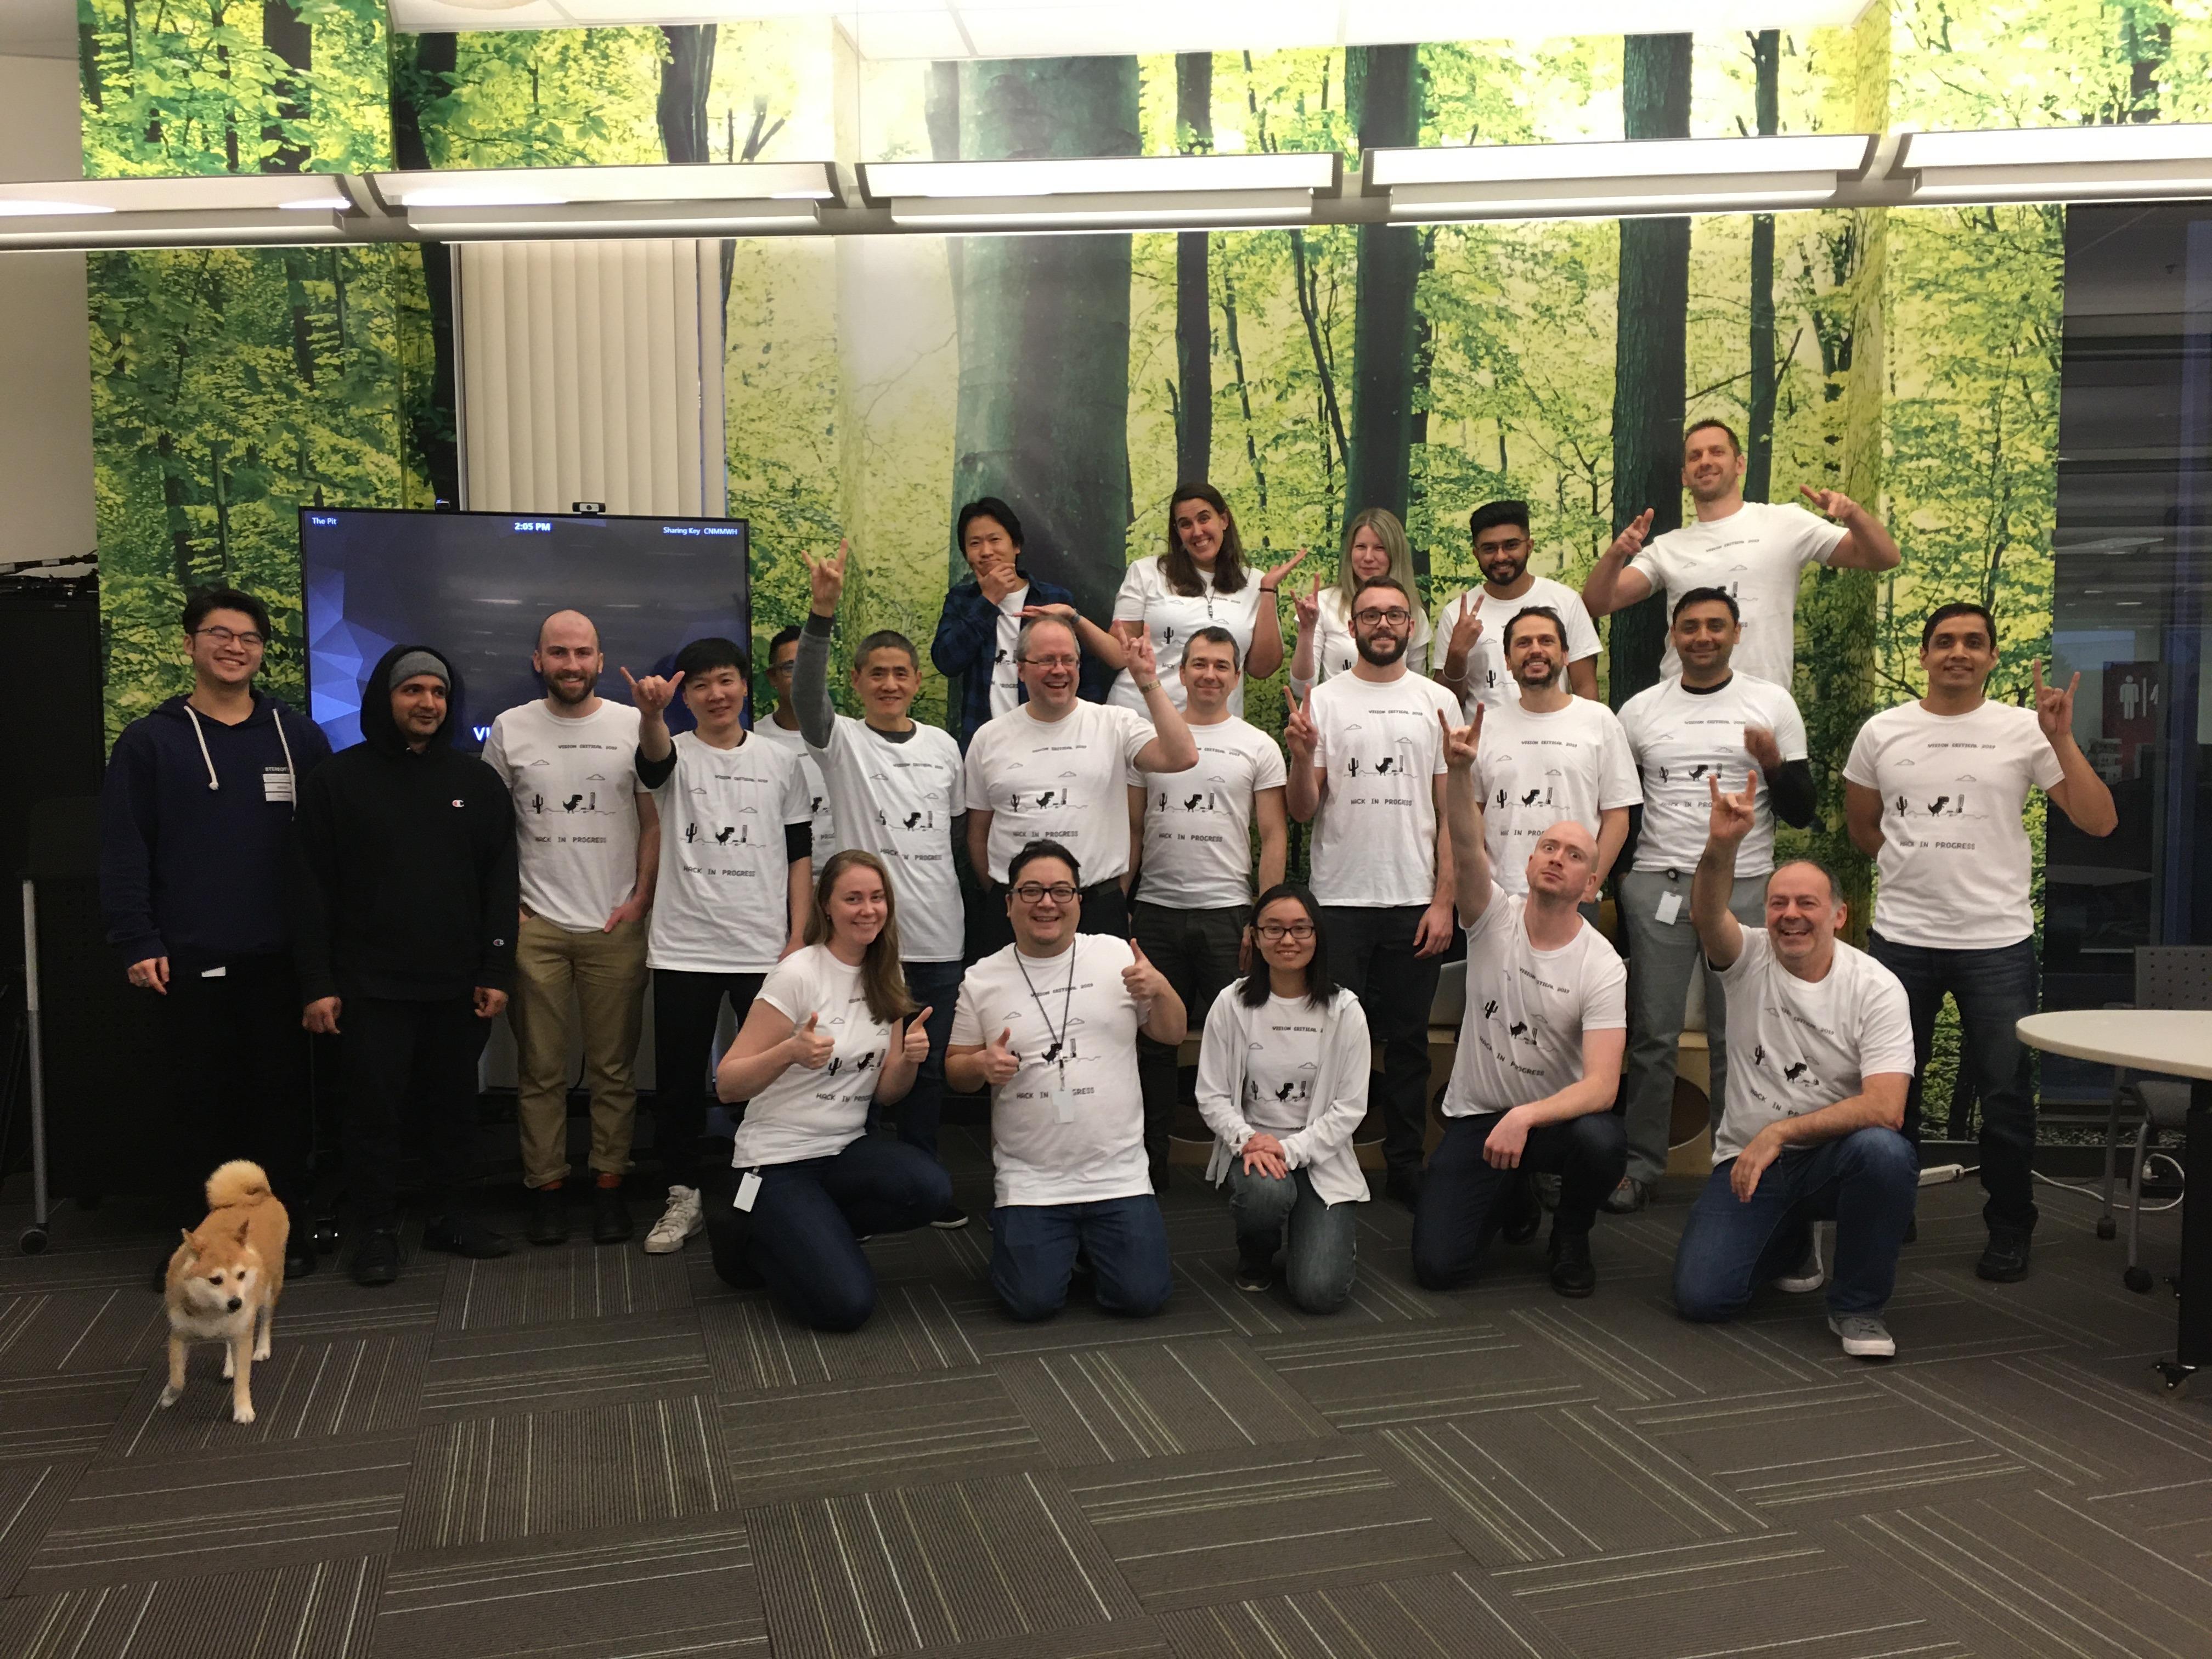 Hackathon Dec 2019 Funny